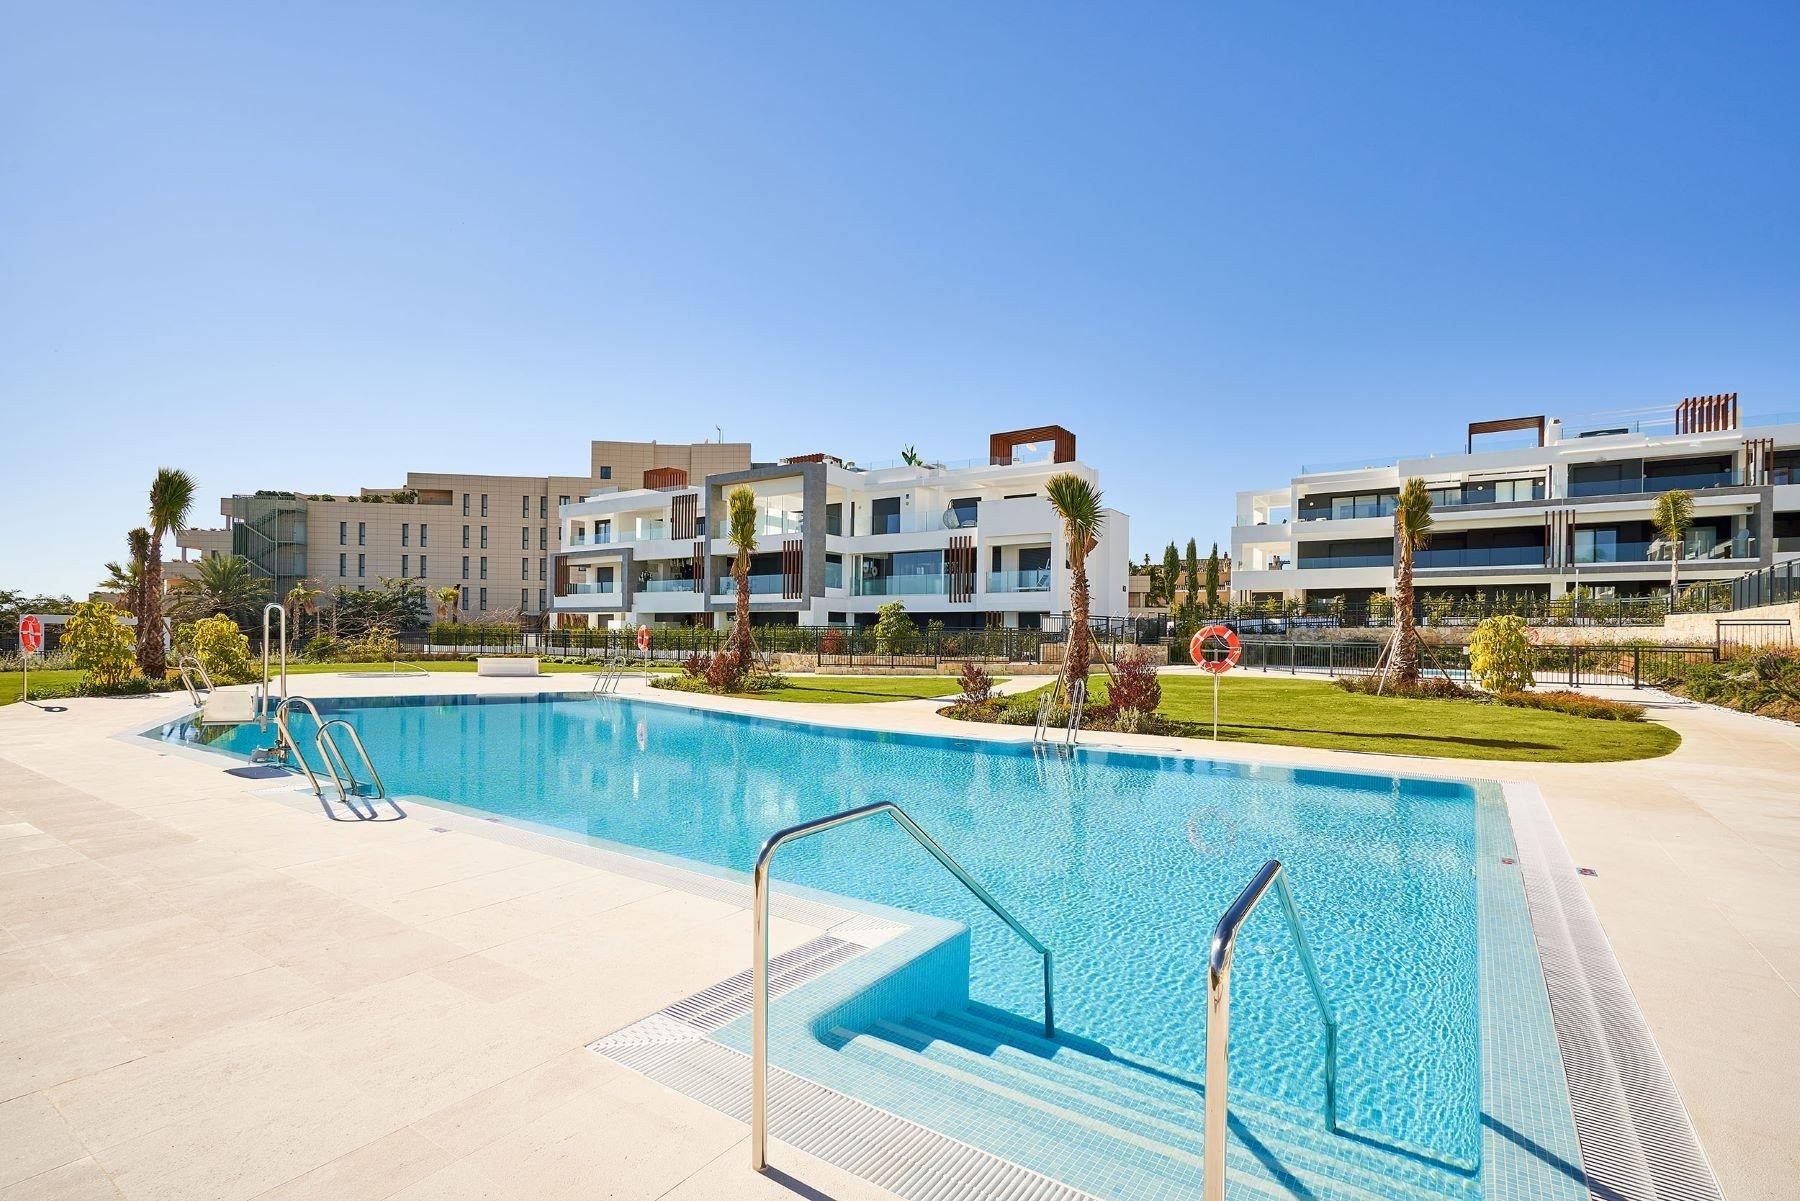 Apartment for sale in Estepona, Cancelada